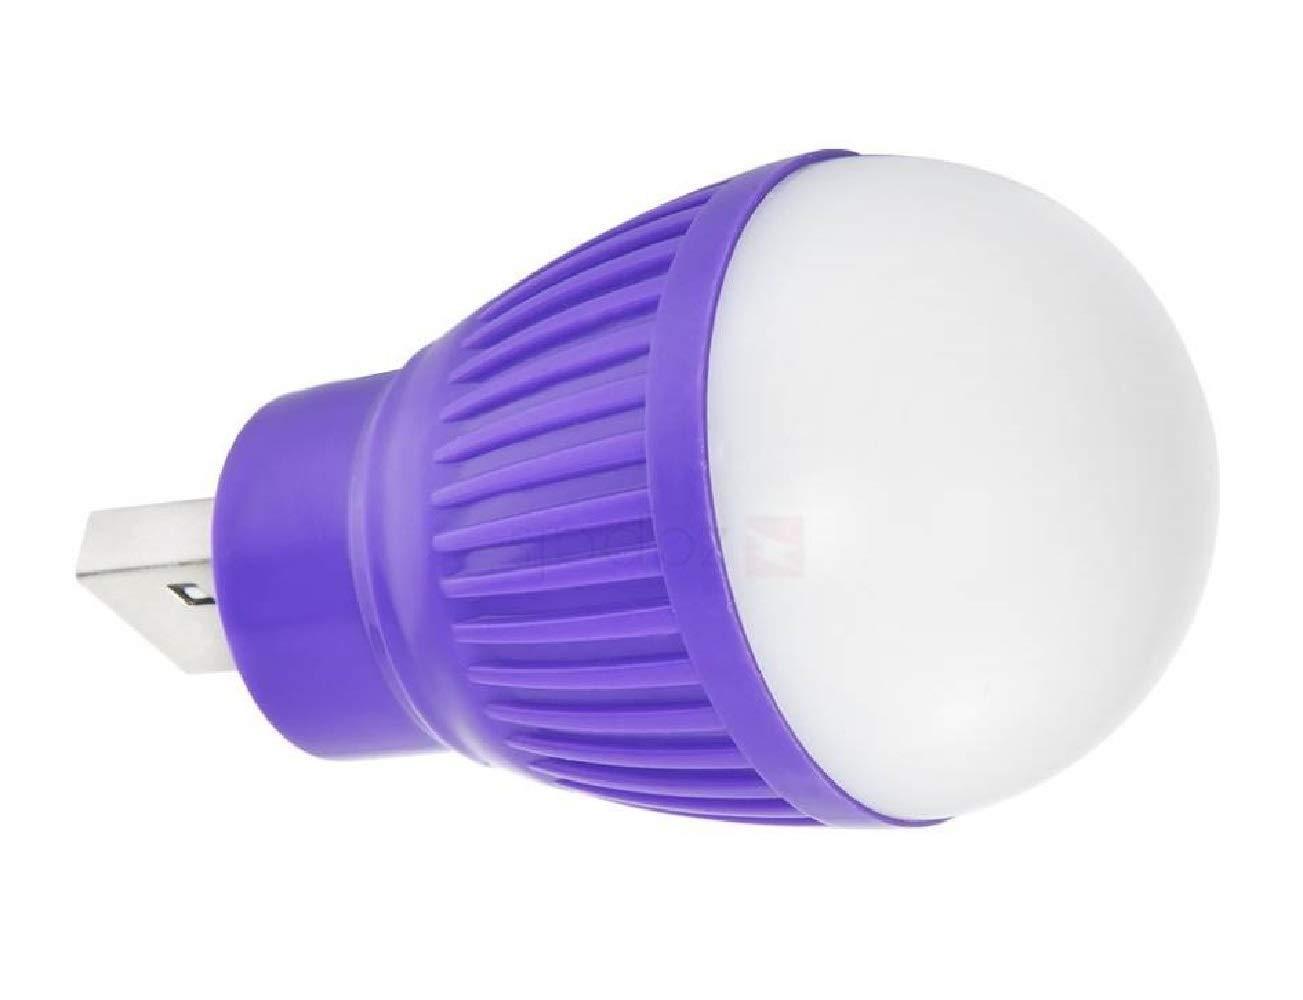 Ape World Mini Portable LED USB Light Lamp/LED USB Bulb Mini LED Night Light   Multicolor